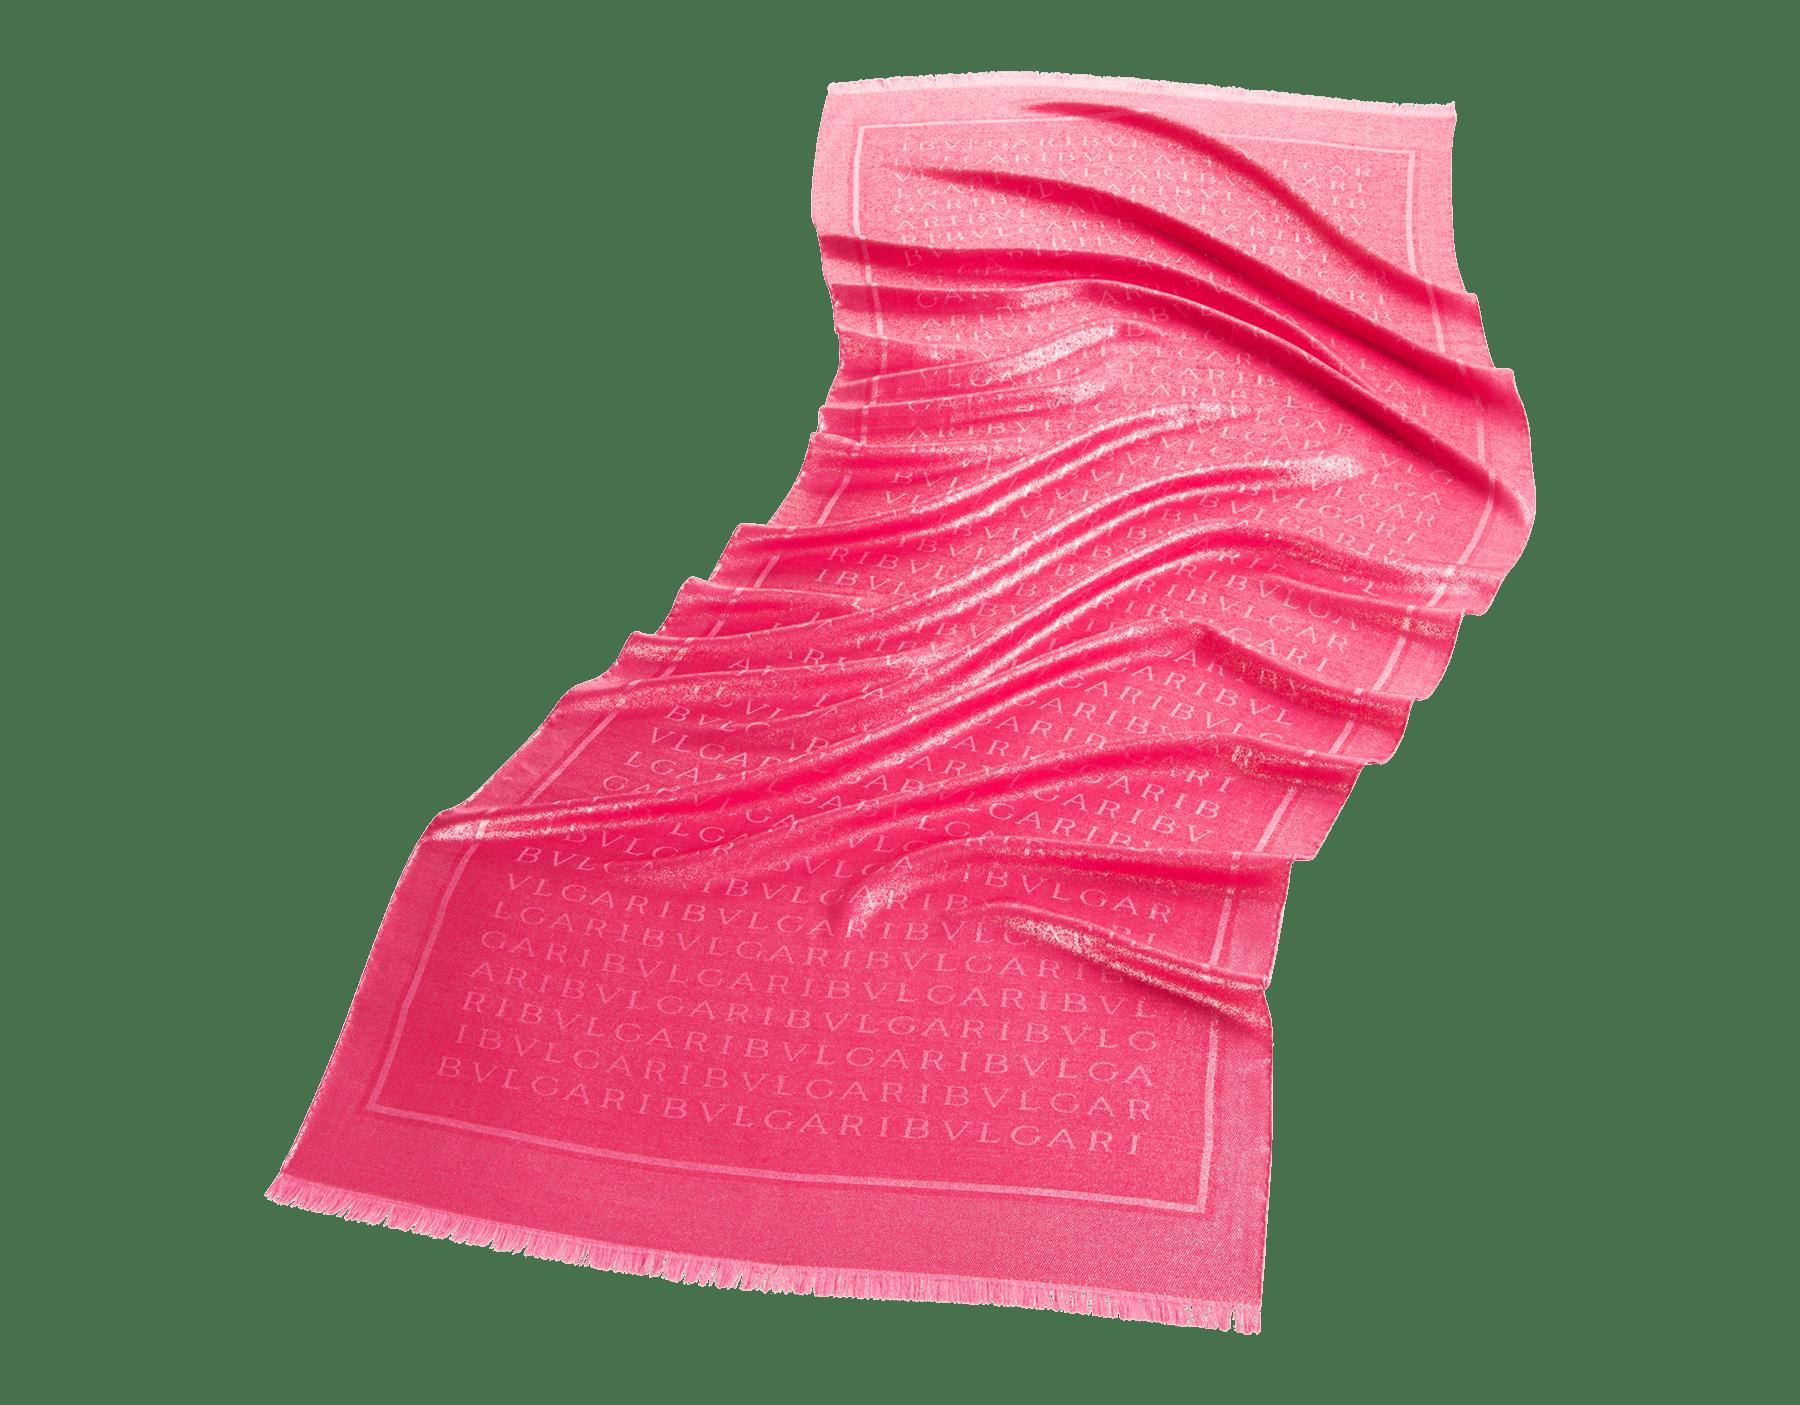 Étole Lettere Maxi Metal couleur Flash Amethyst en laine et soie fine. 244061 image 1